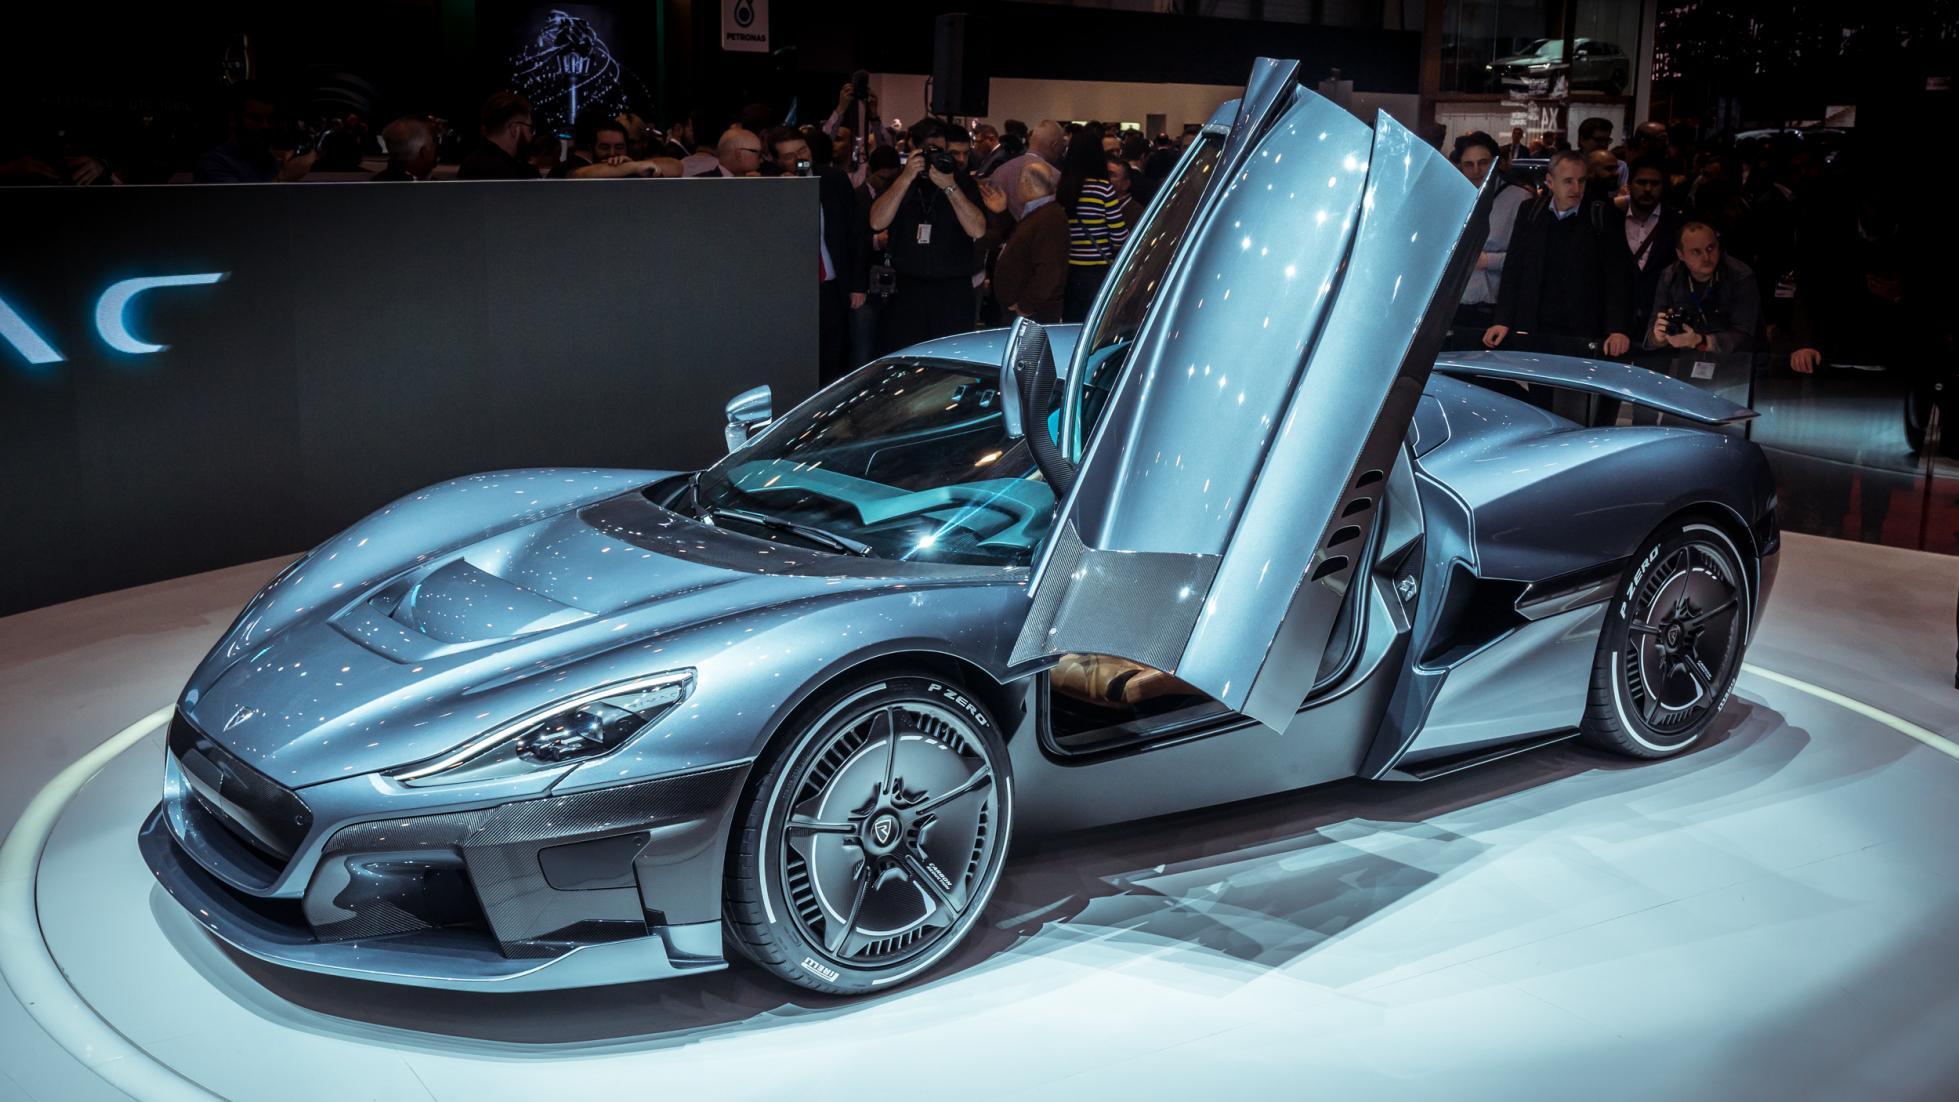 Super Elantra 2018 >> Super carro Rimac vai dos 0 aos 100 km/h em 1,85 segundos - Pplware